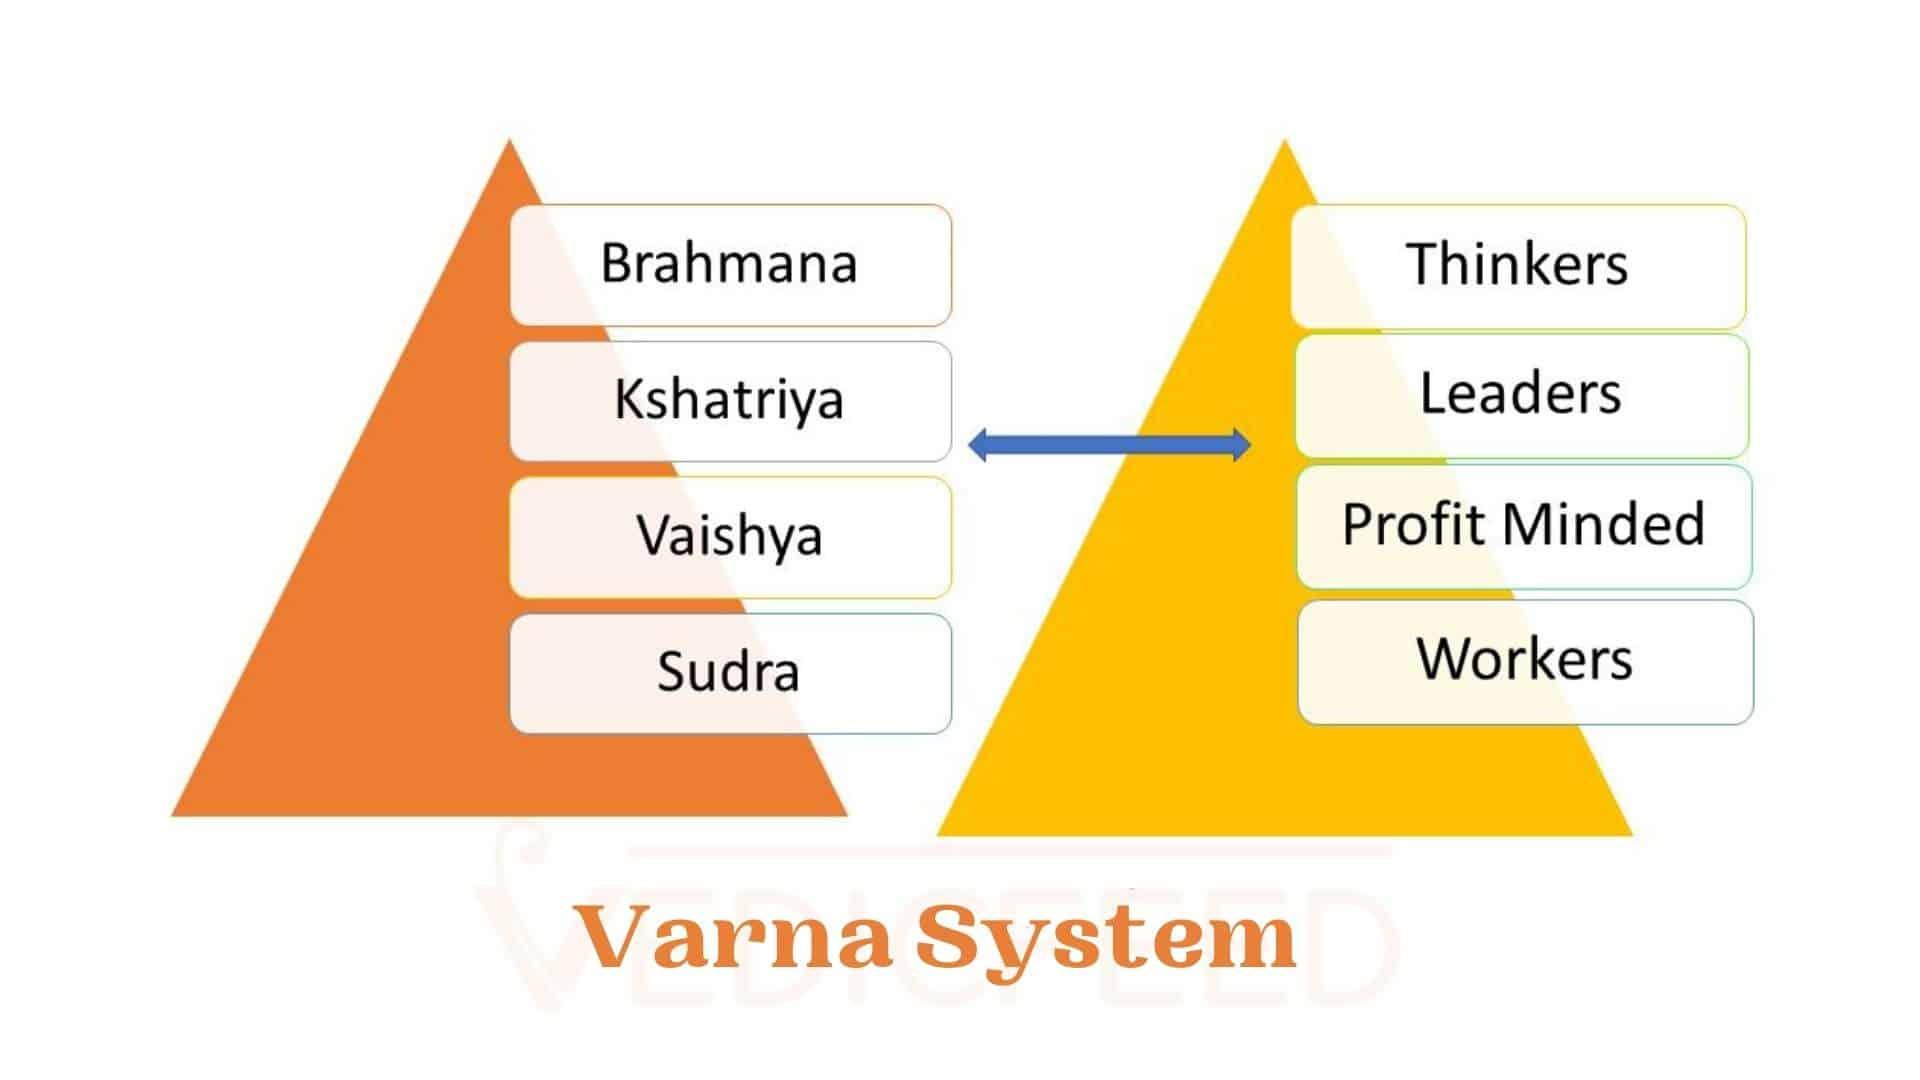 Varna System